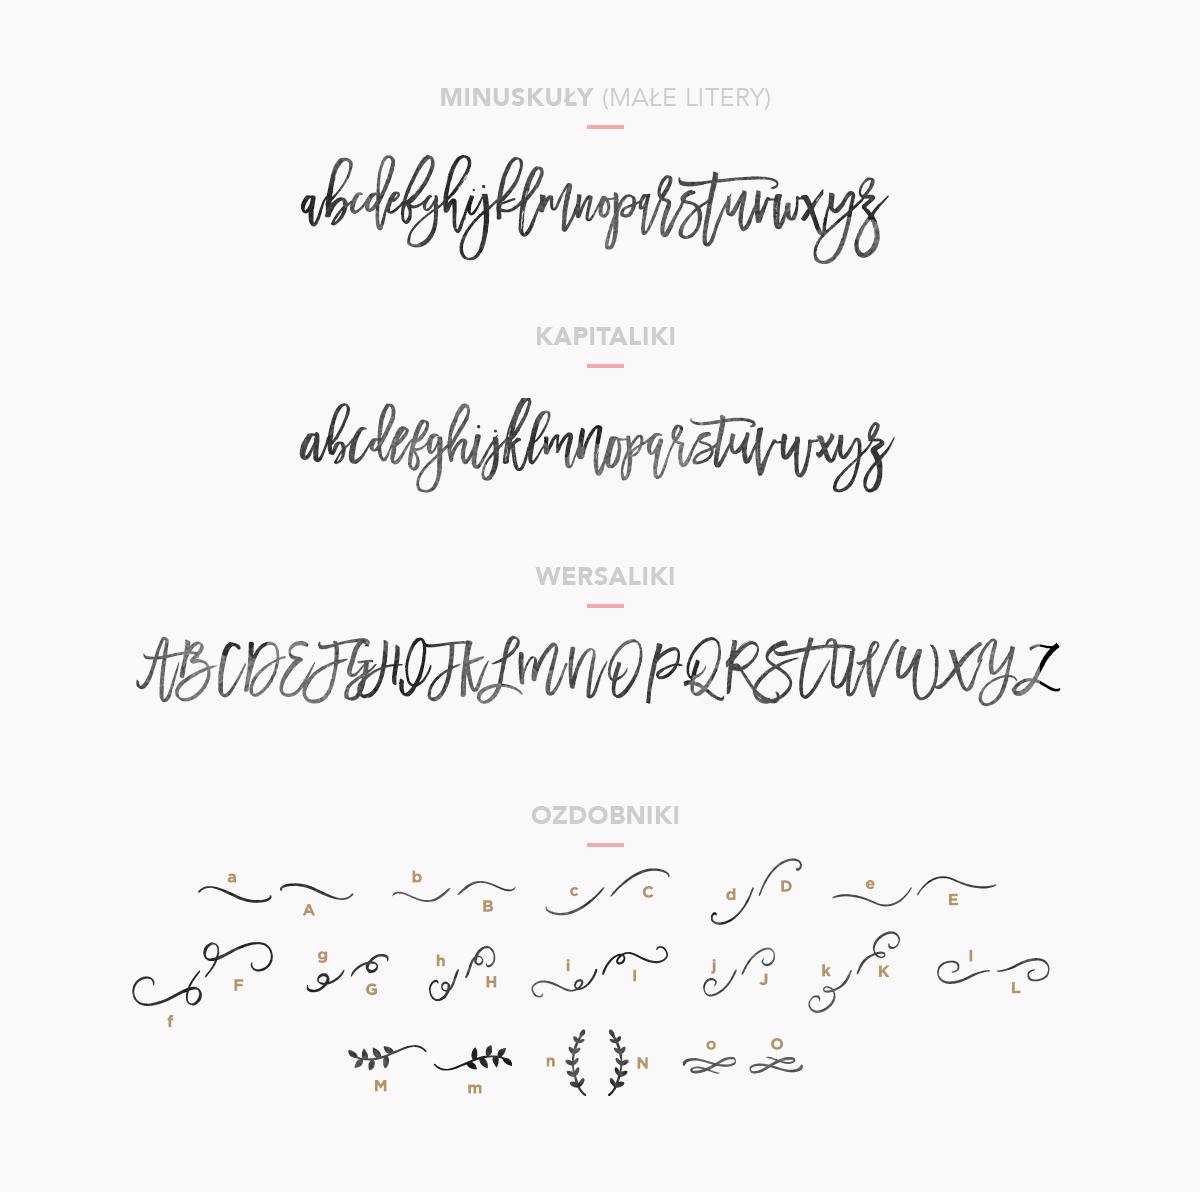 Ozdobniki kaligraficzne w fontach odręcznych